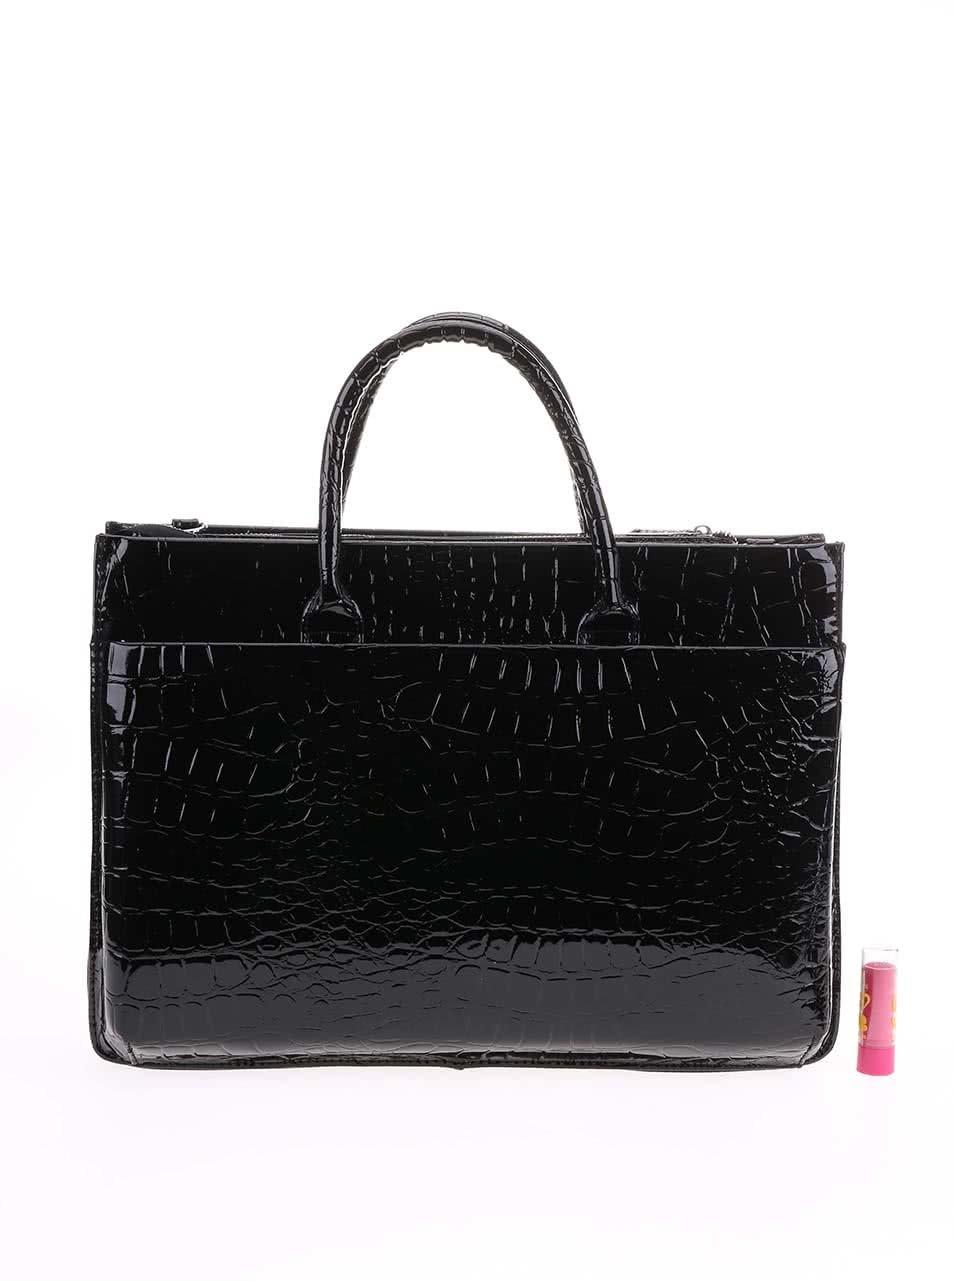 2ccee9ef435 Černá kabelka v imitaci krokodýlí kůže LYDC ...